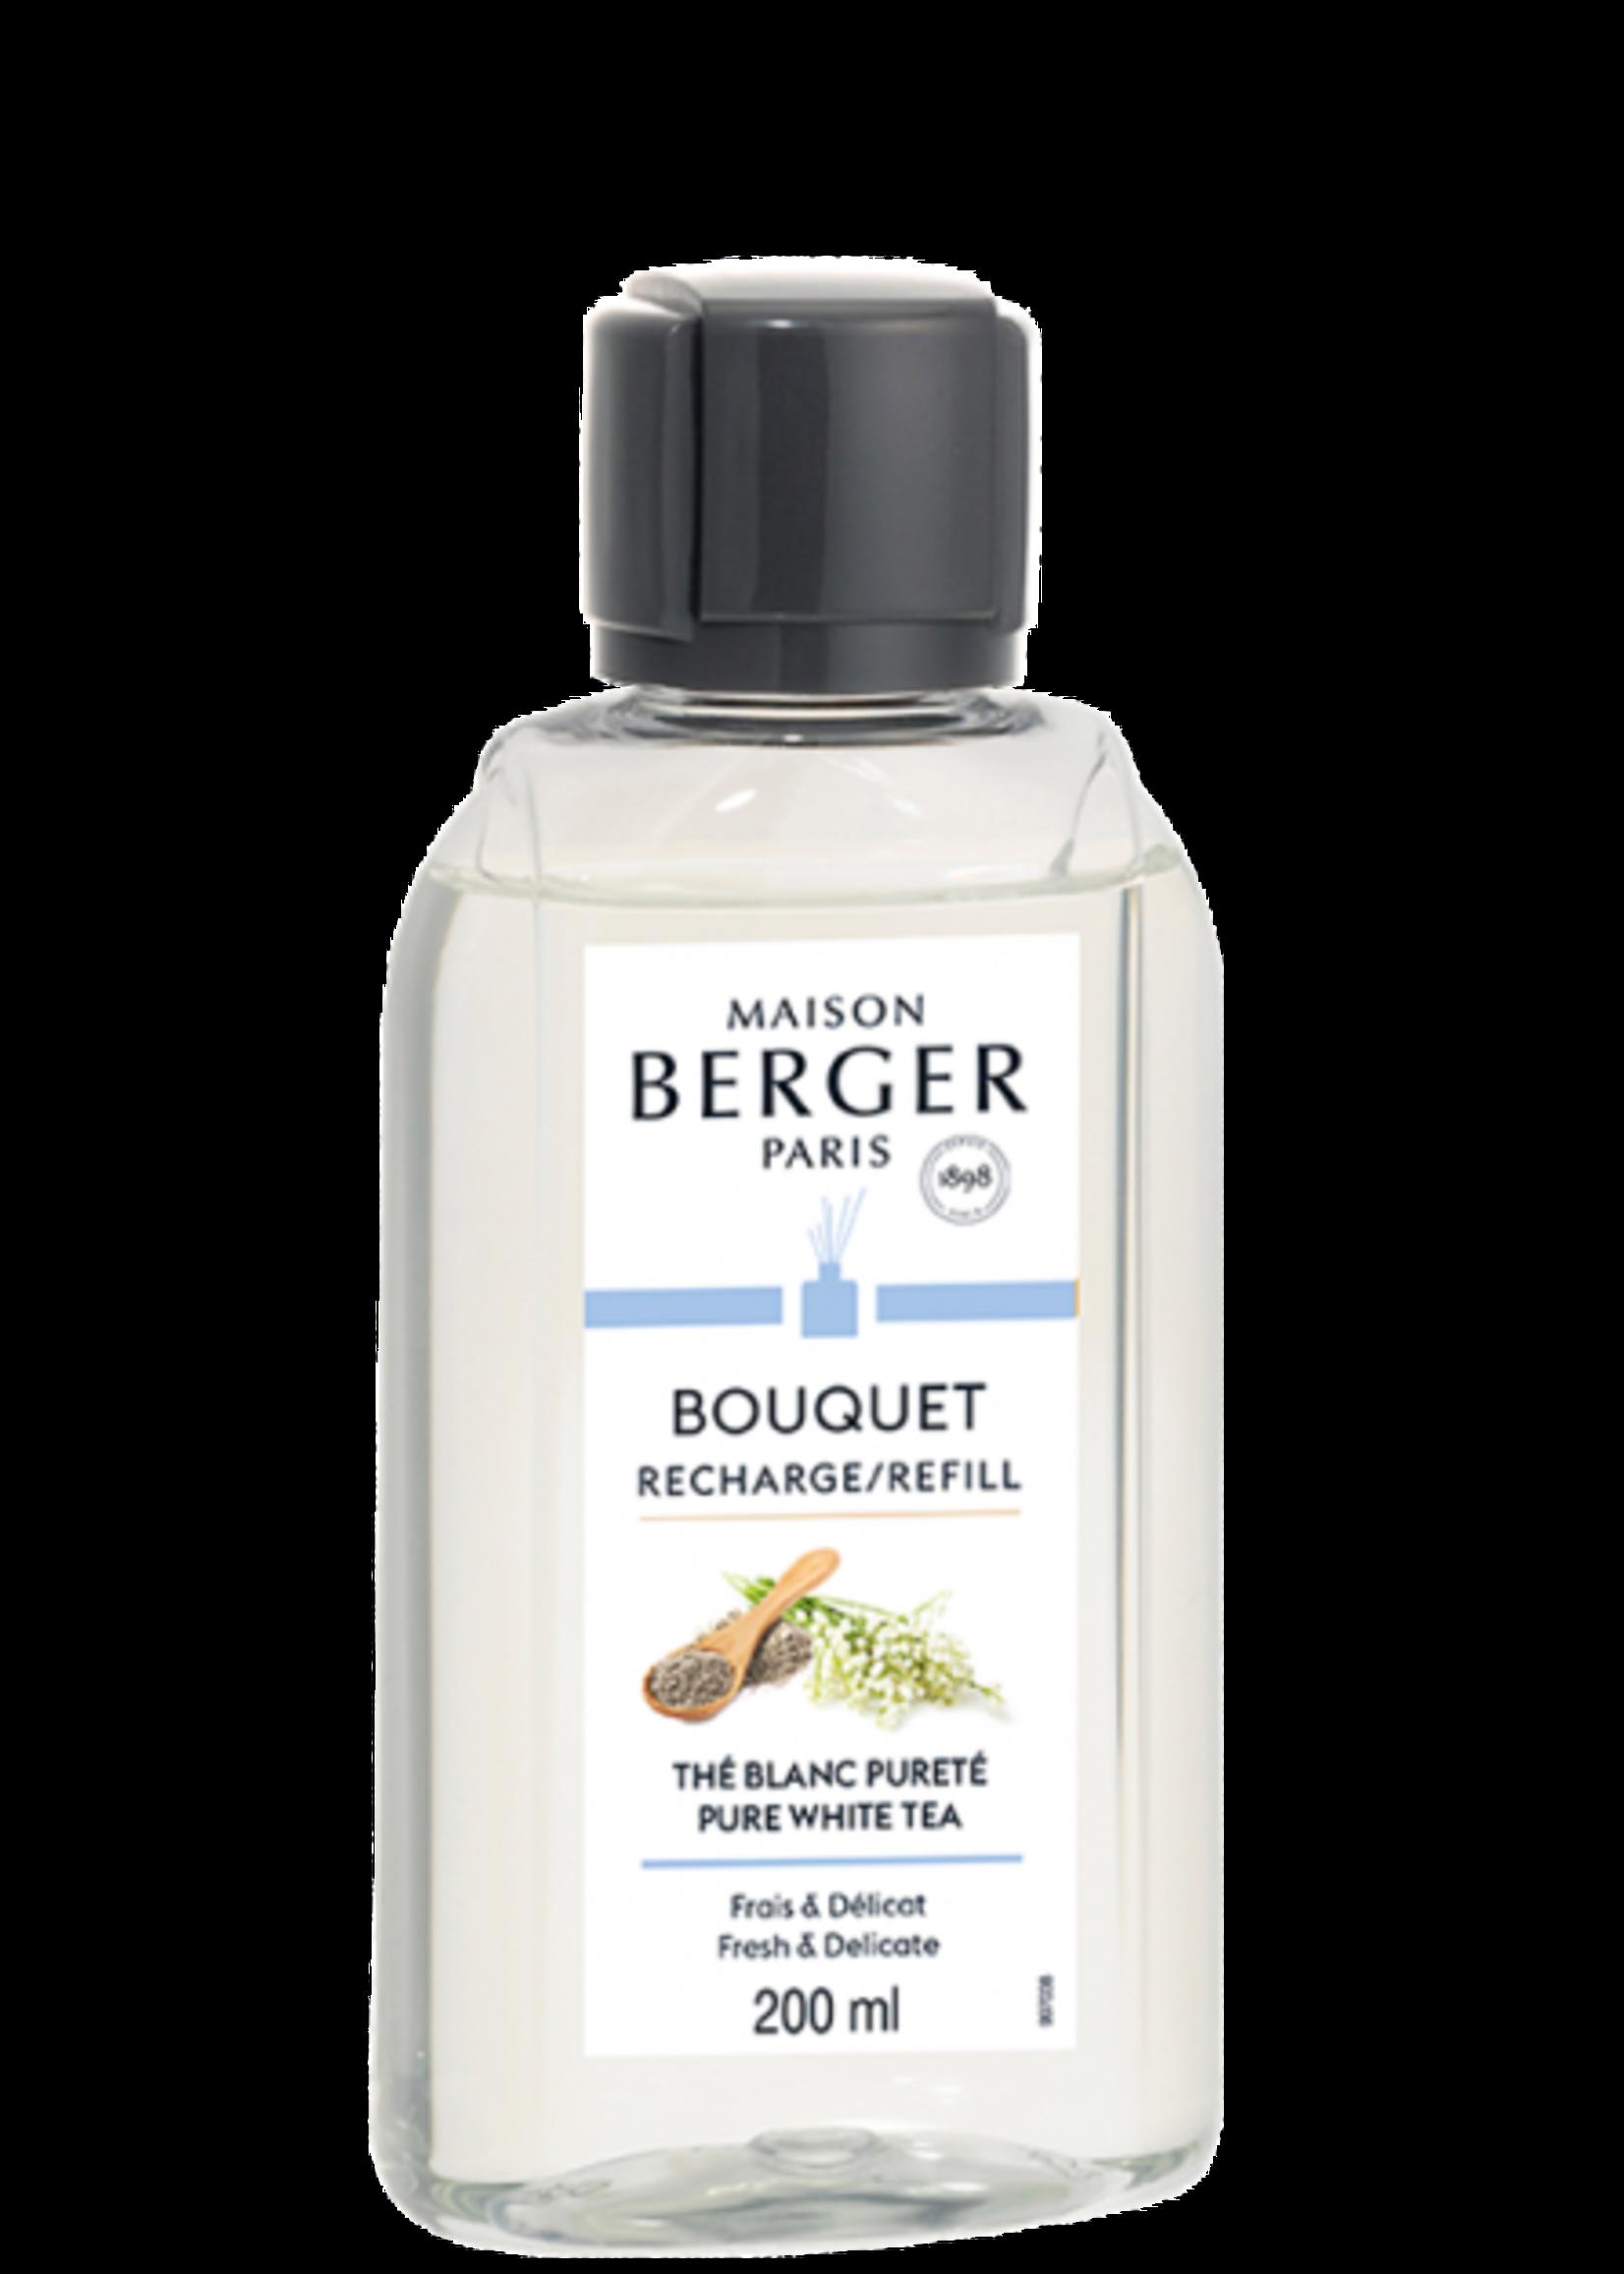 Parfum de Berger Navulling Parfumverspreider Thé Blanc Pureté 200ml